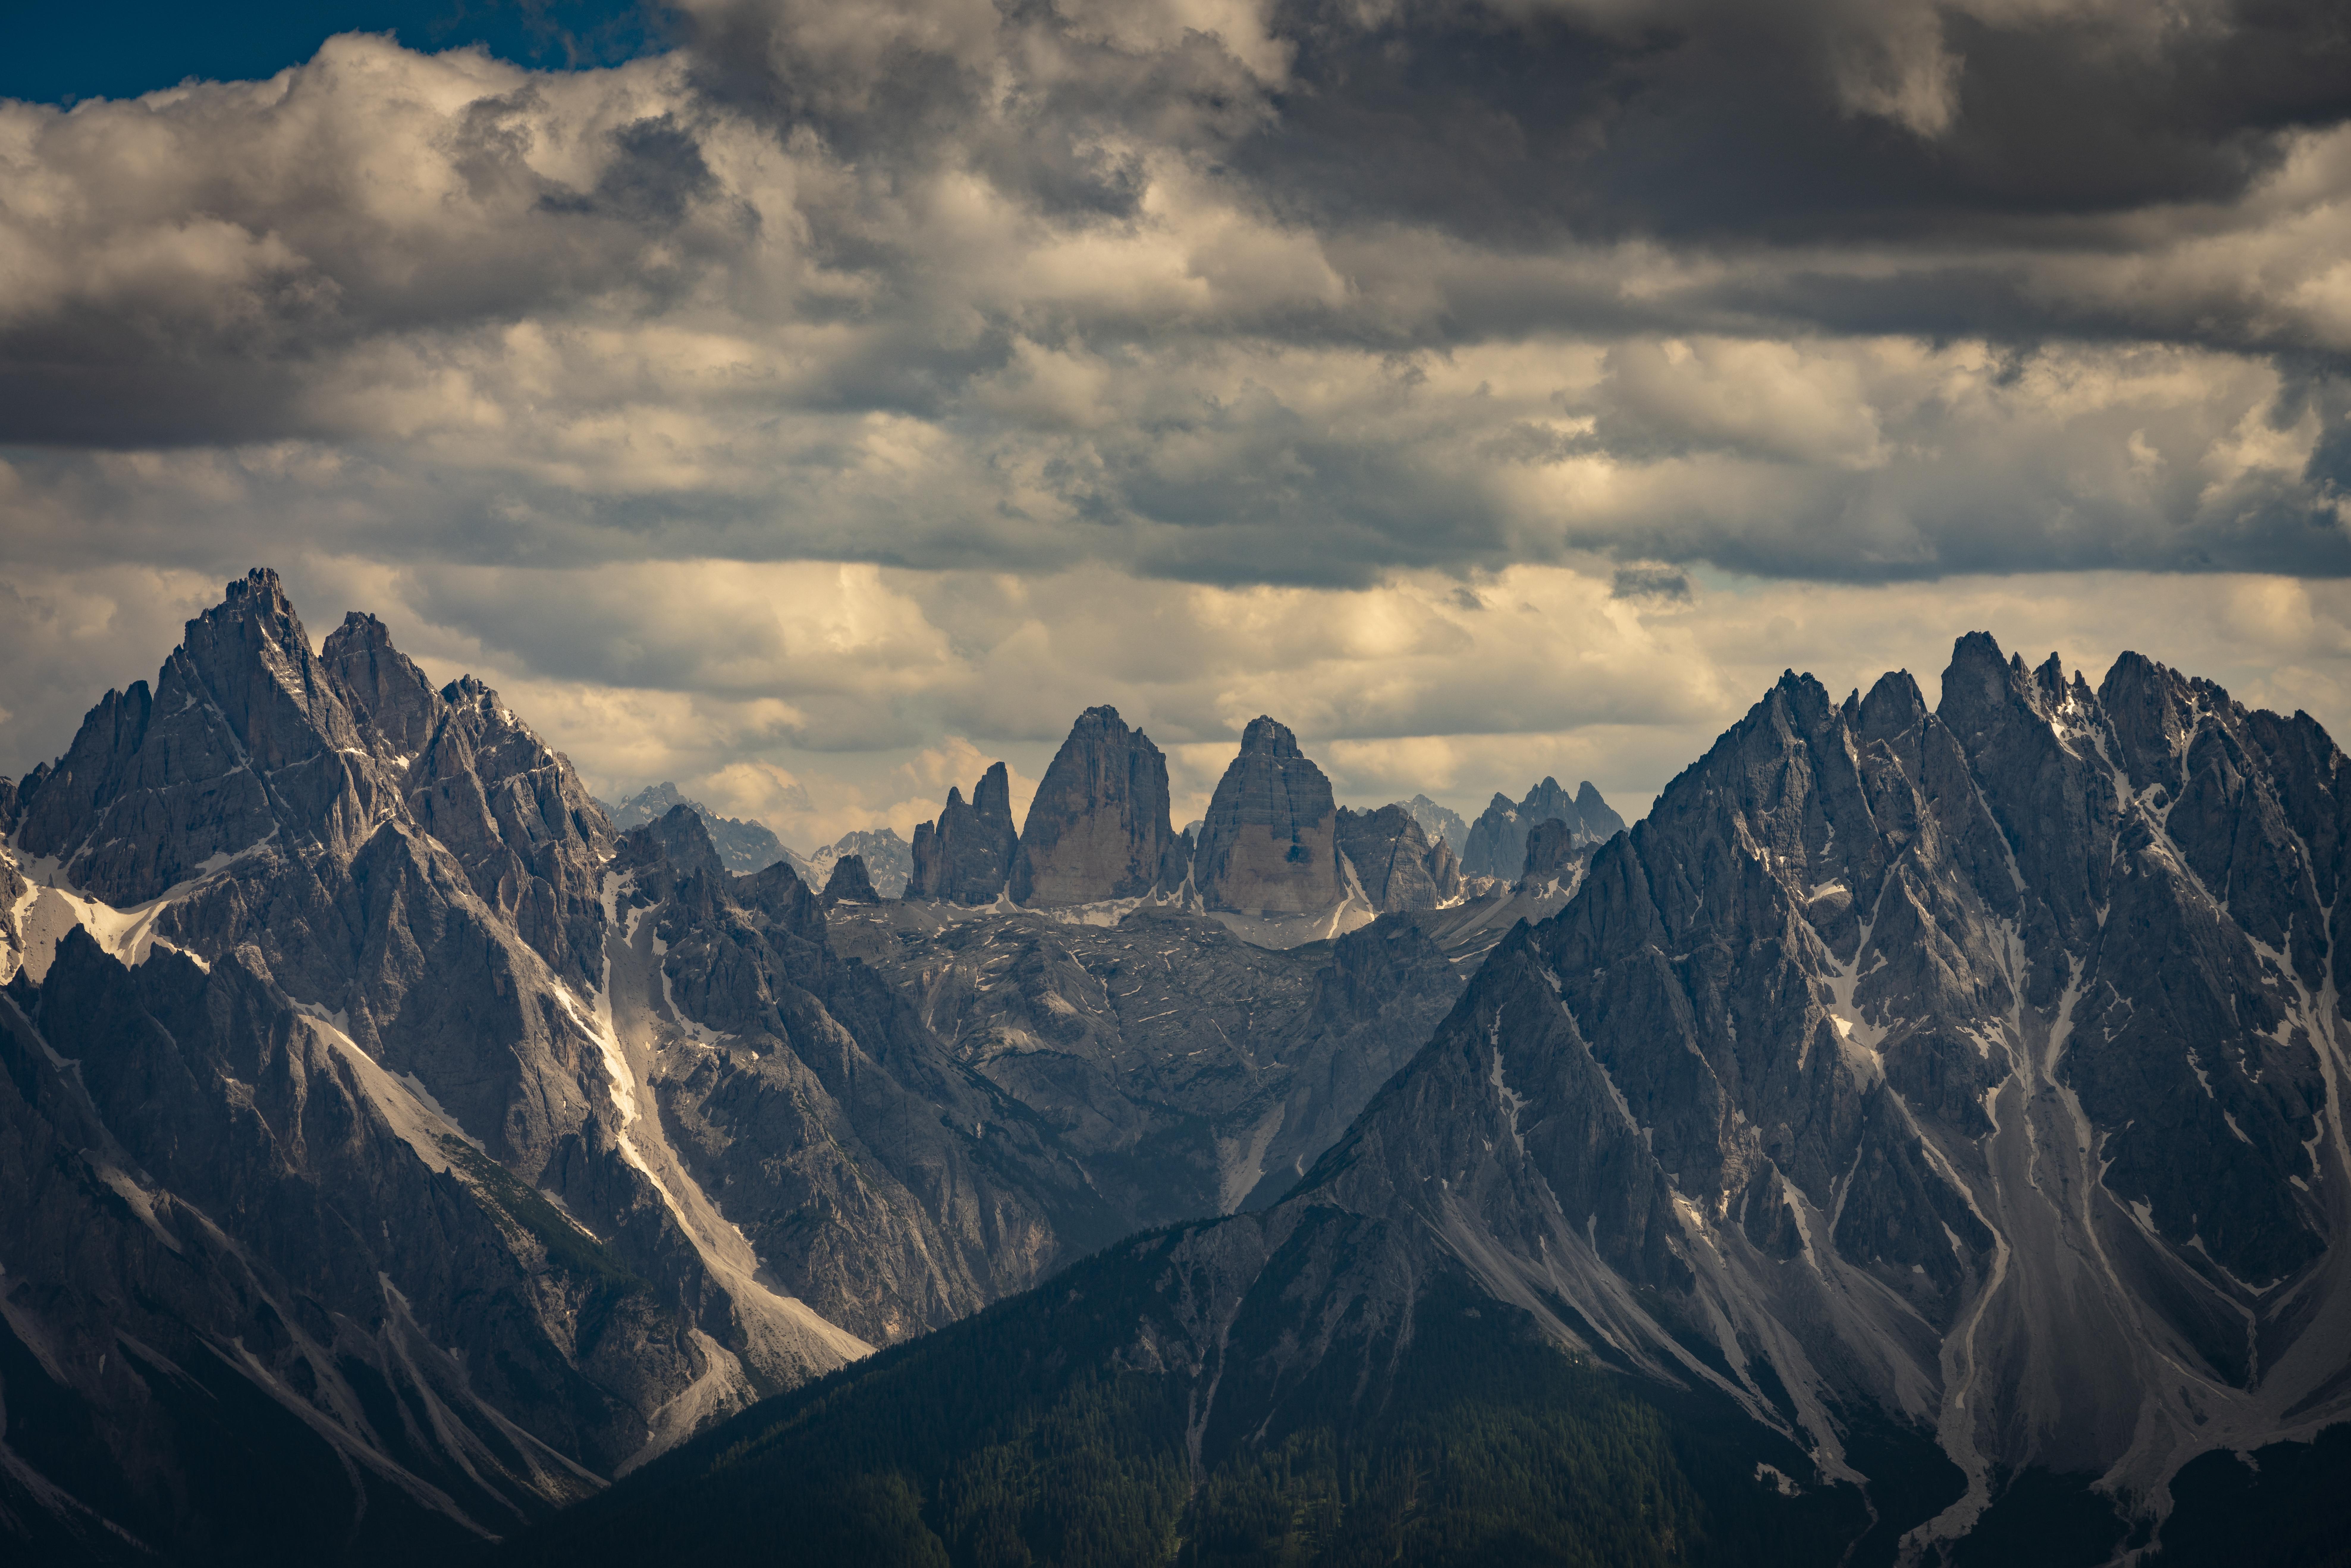 Drei Zinnen - Dolomiten